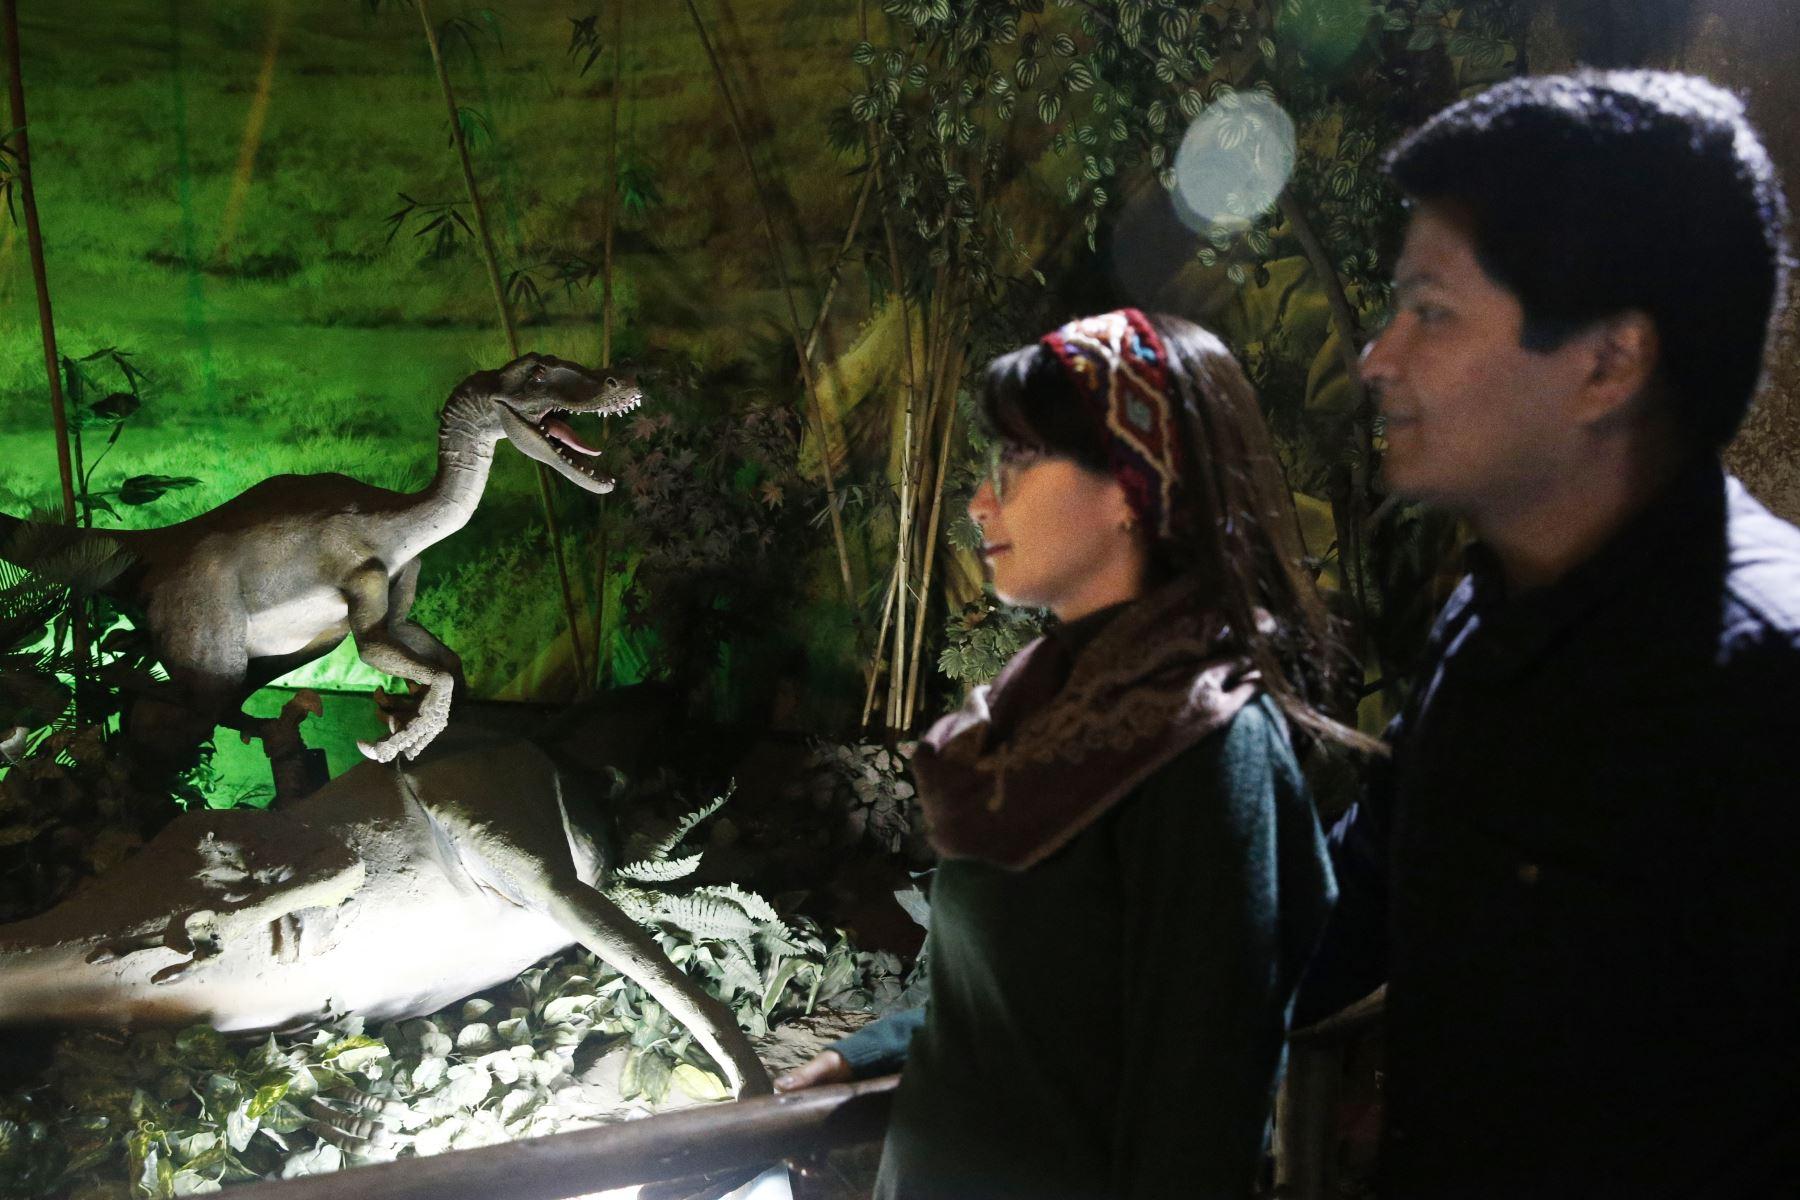 Galeria Fotografica Agencia Peruana De Noticias Andina Andina El parque zoológico huachipa es una institución cultural y unidad de conservación de fauna y flora silvestre, que se localiza en el distrito de ate. andina